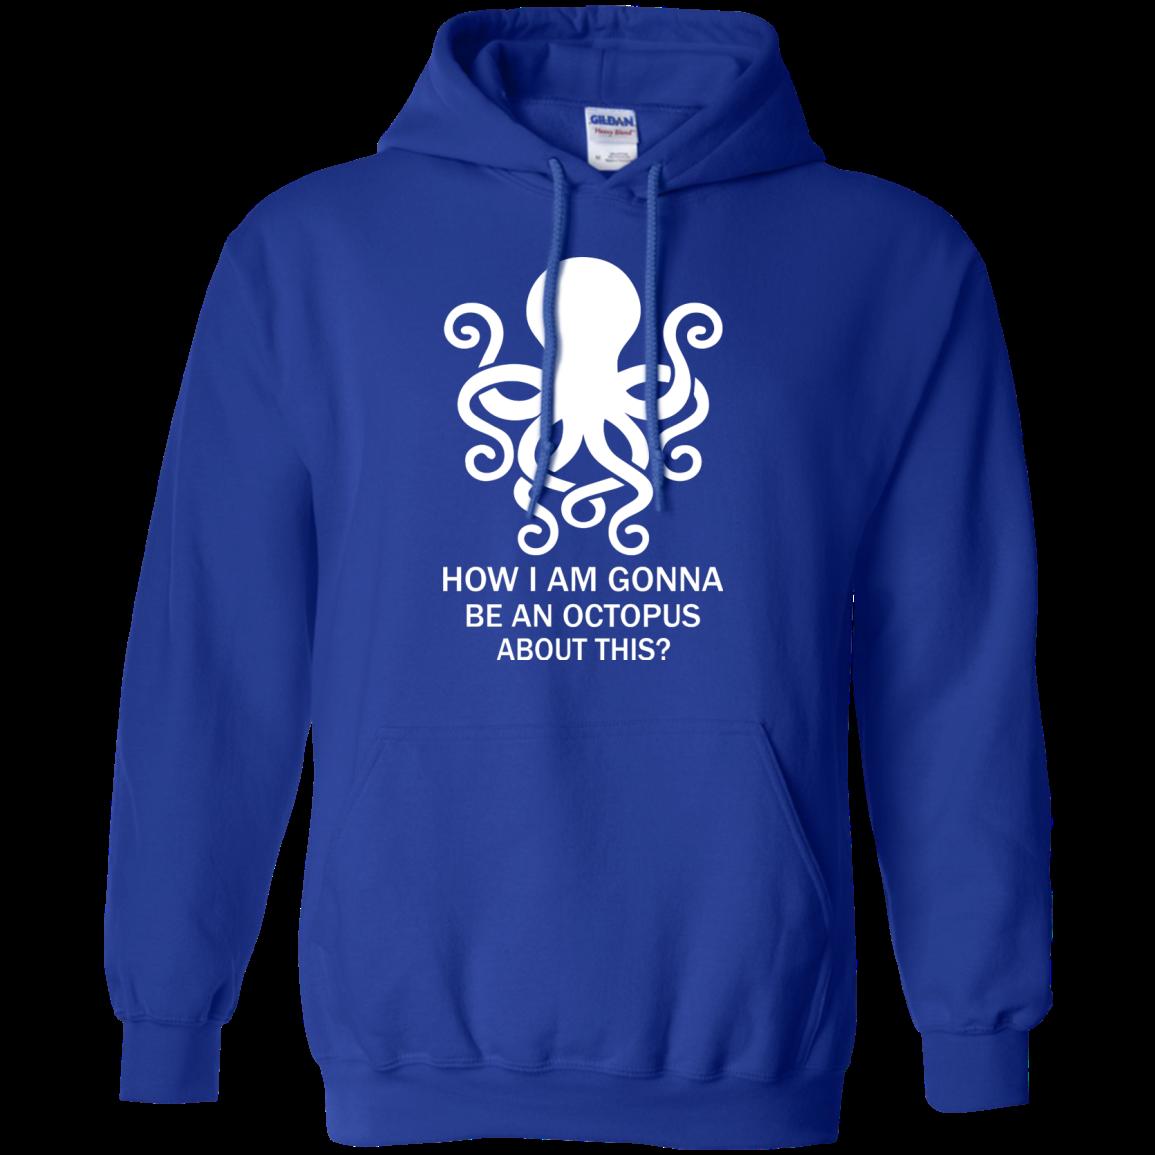 How Am I Gonna Be An Octopus T Shirt, Hoodies, Tank